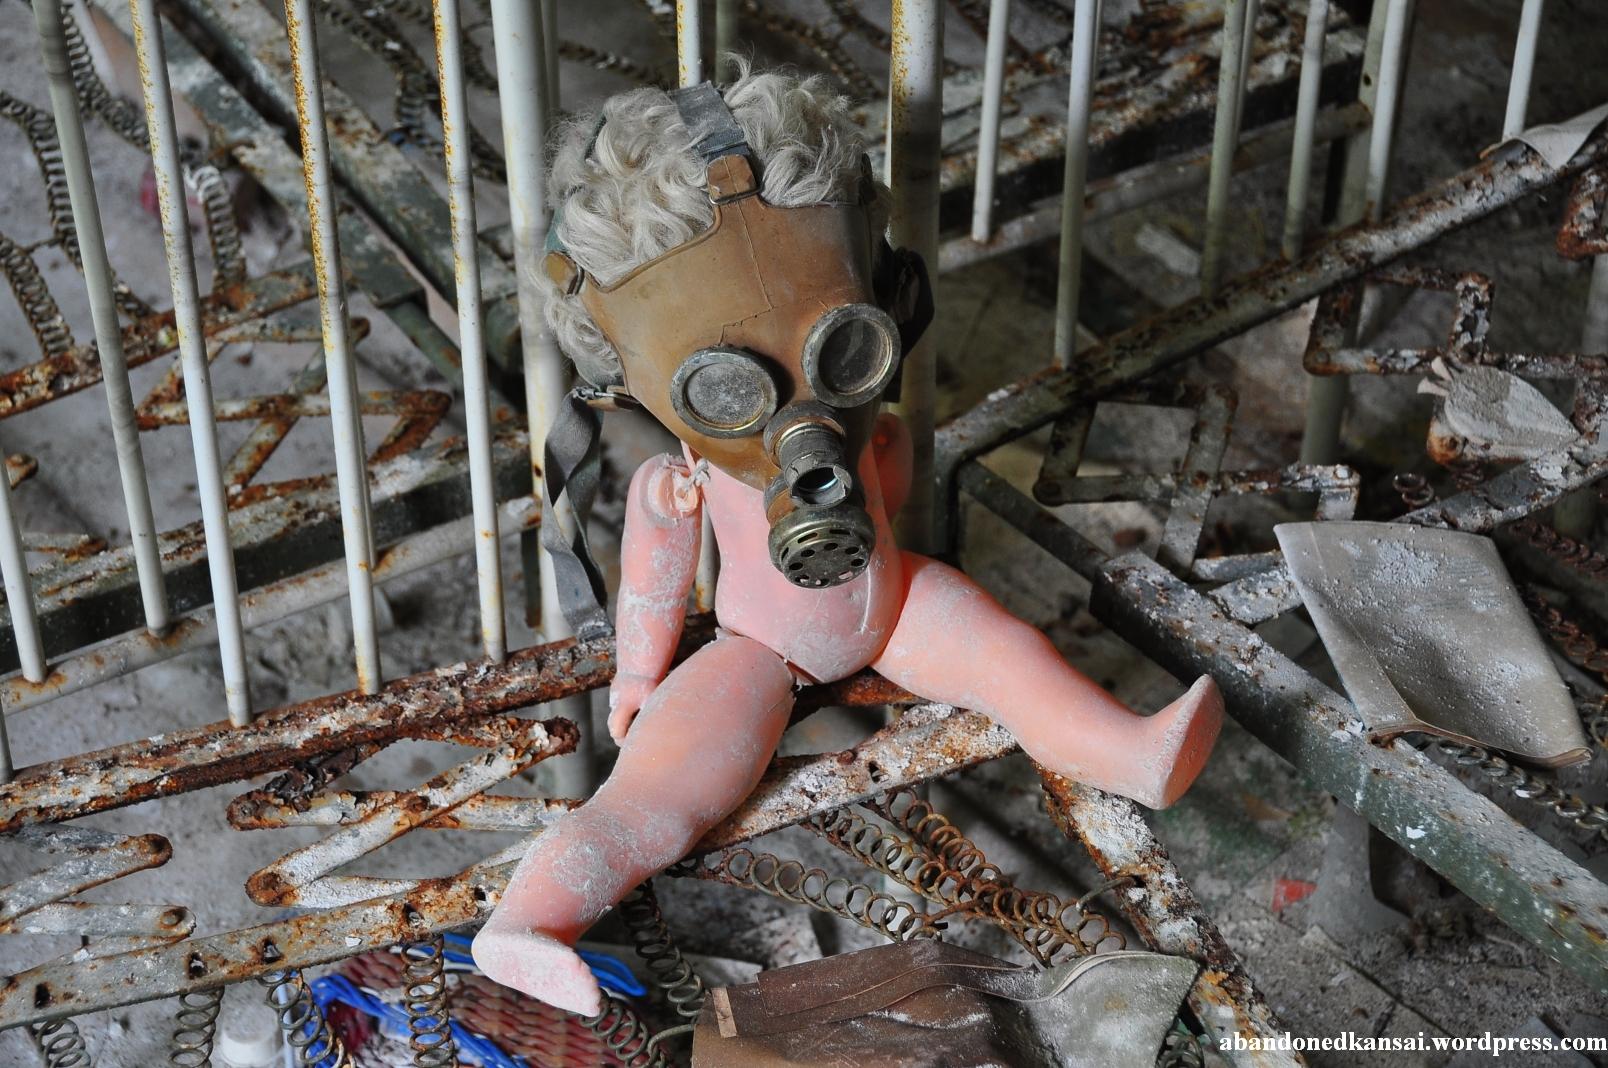 Resultado de imagem para pripyat dolls